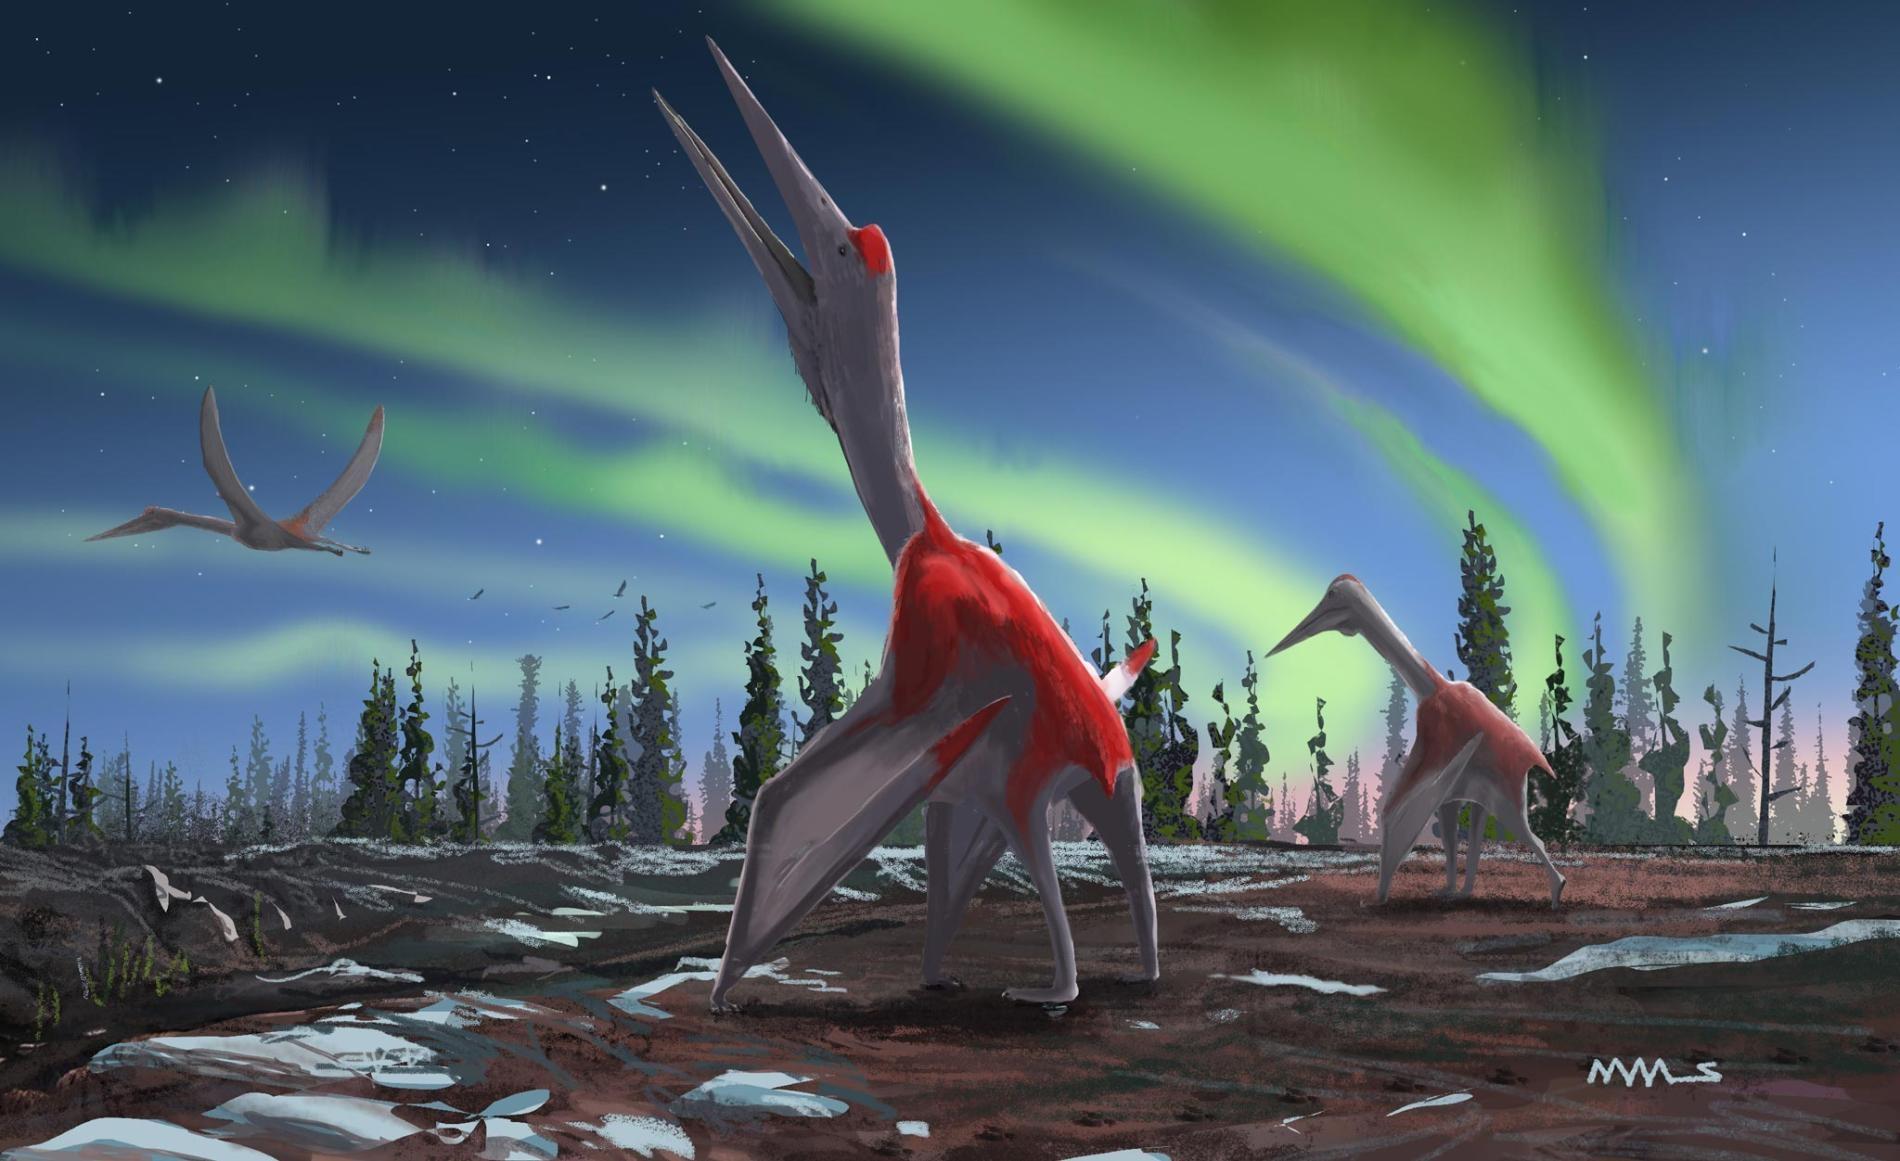 《古脊椎生物學刊》(<i>Journal of Vertebrate Paleontology</i>)。刊載的一篇新研究描述了一類叫做 <i>Cryodrakon boreas</i>,意即「北風冰龍」的新種翼龍。這種飛行爬行動物的翼展至少有4.9公尺,甚至10公尺寬。牠的親戚諾氏風神翼龍(<i>Quetzalcoatlus northropi</i>)即可長到這個尺寸。 ILLUSTRATION BY DAVID MAAS